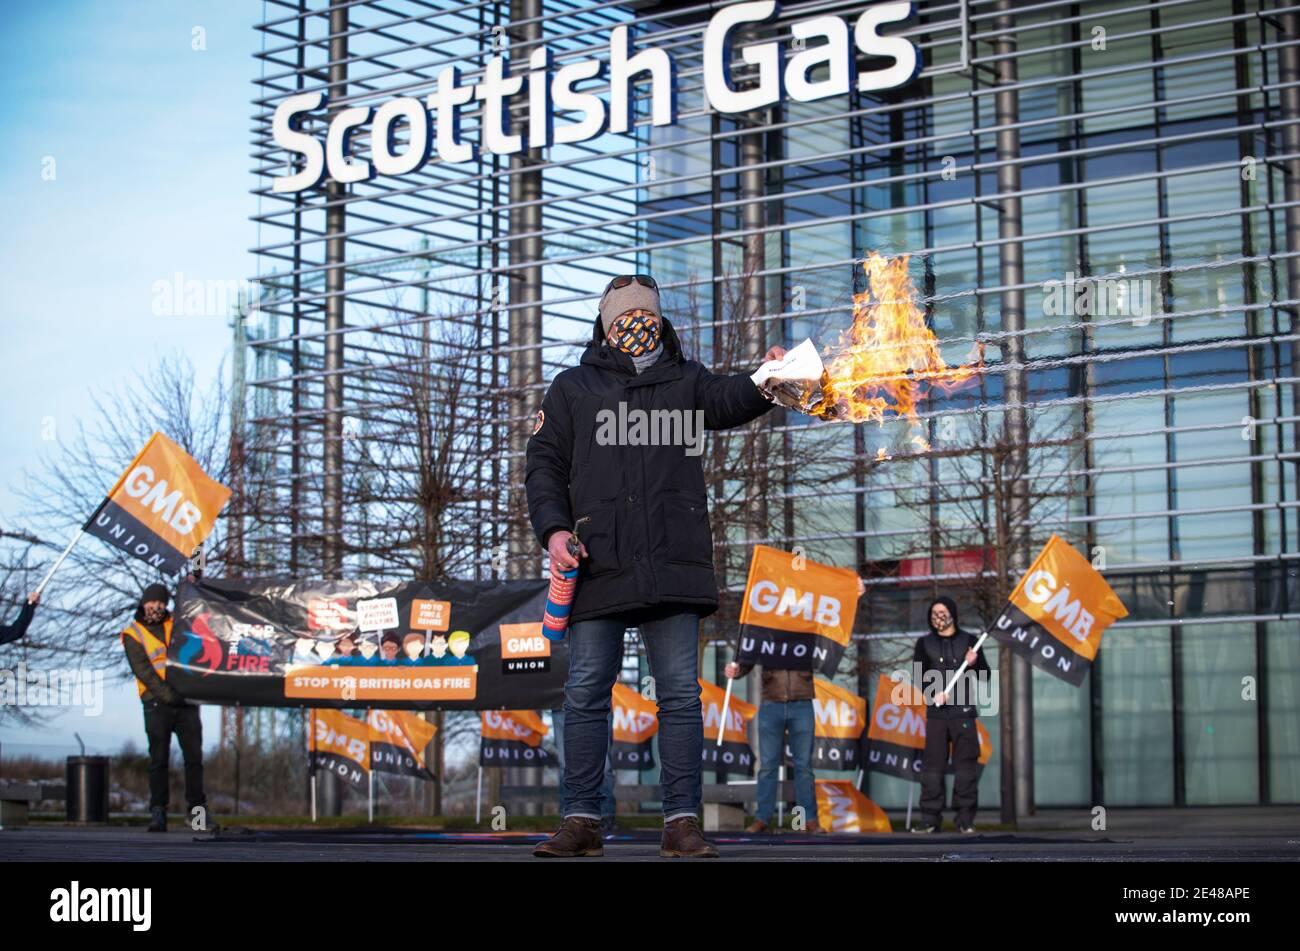 Uno dei lavoratori britannici del gas al di fuori del call center scozzese del gas di Edimburgo mette in campo il nuovo contratto il sesto giorno di uno sciopero di sette giorni su nuovi contratti. Data immagine: Venerdì 22 gennaio 2021. Foto Stock